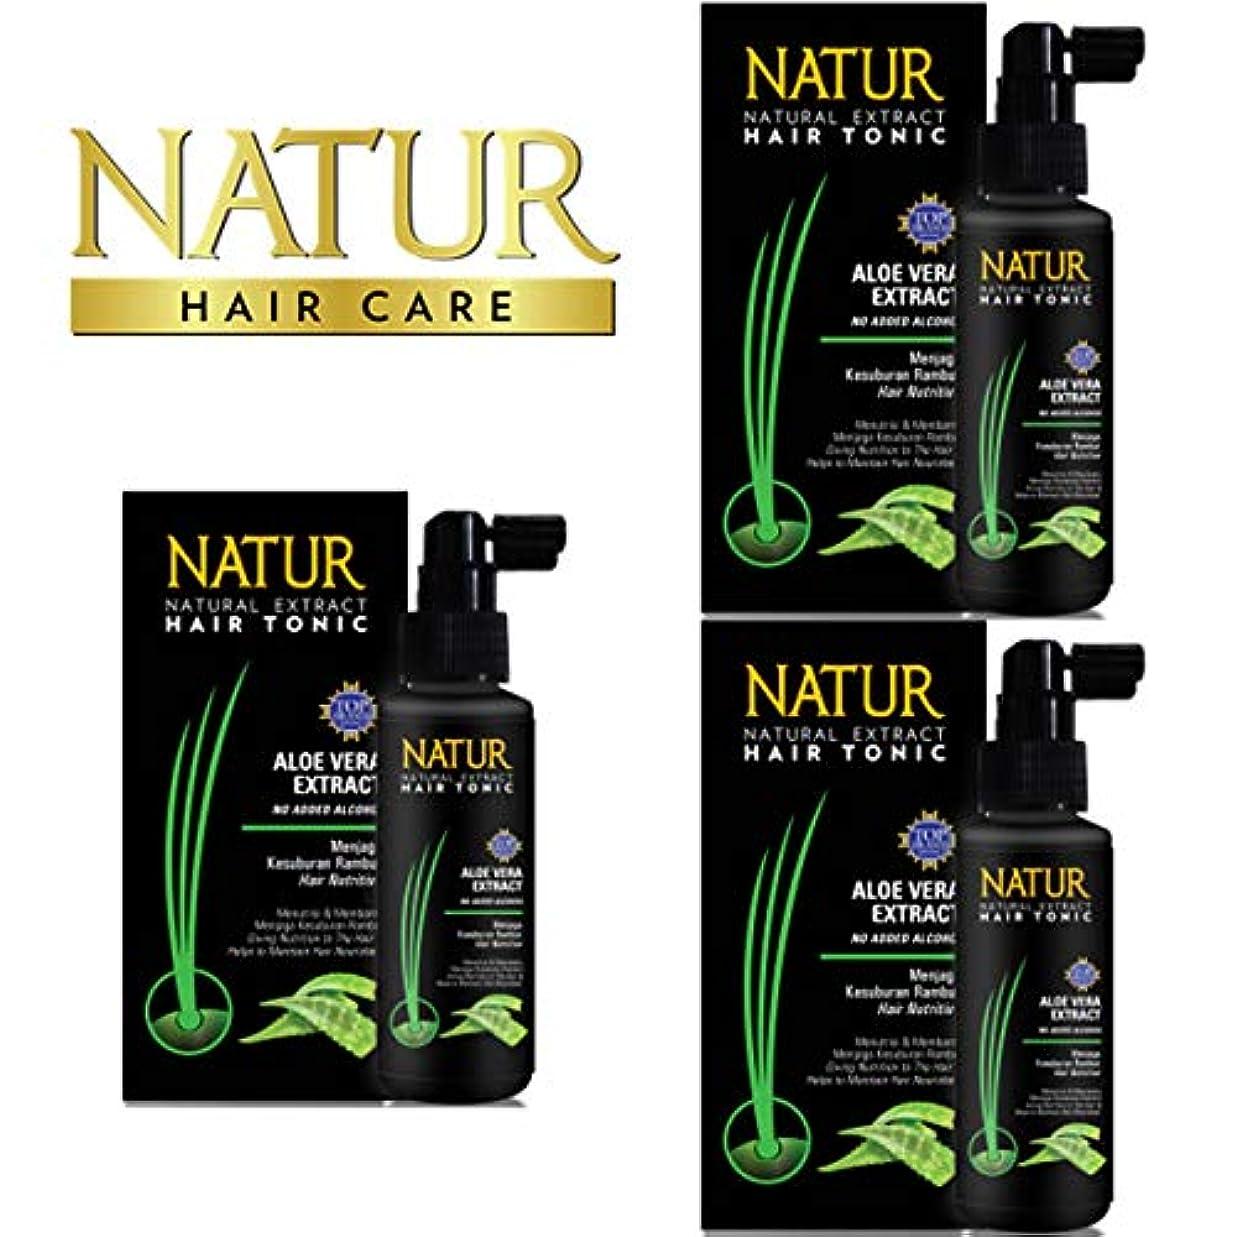 NATUR ナトゥール 天然植物エキス配合 Hair Tonic ハーバルヘアトニック 90ml×3個セット Aloe vera アロエベラ [海外直商品]